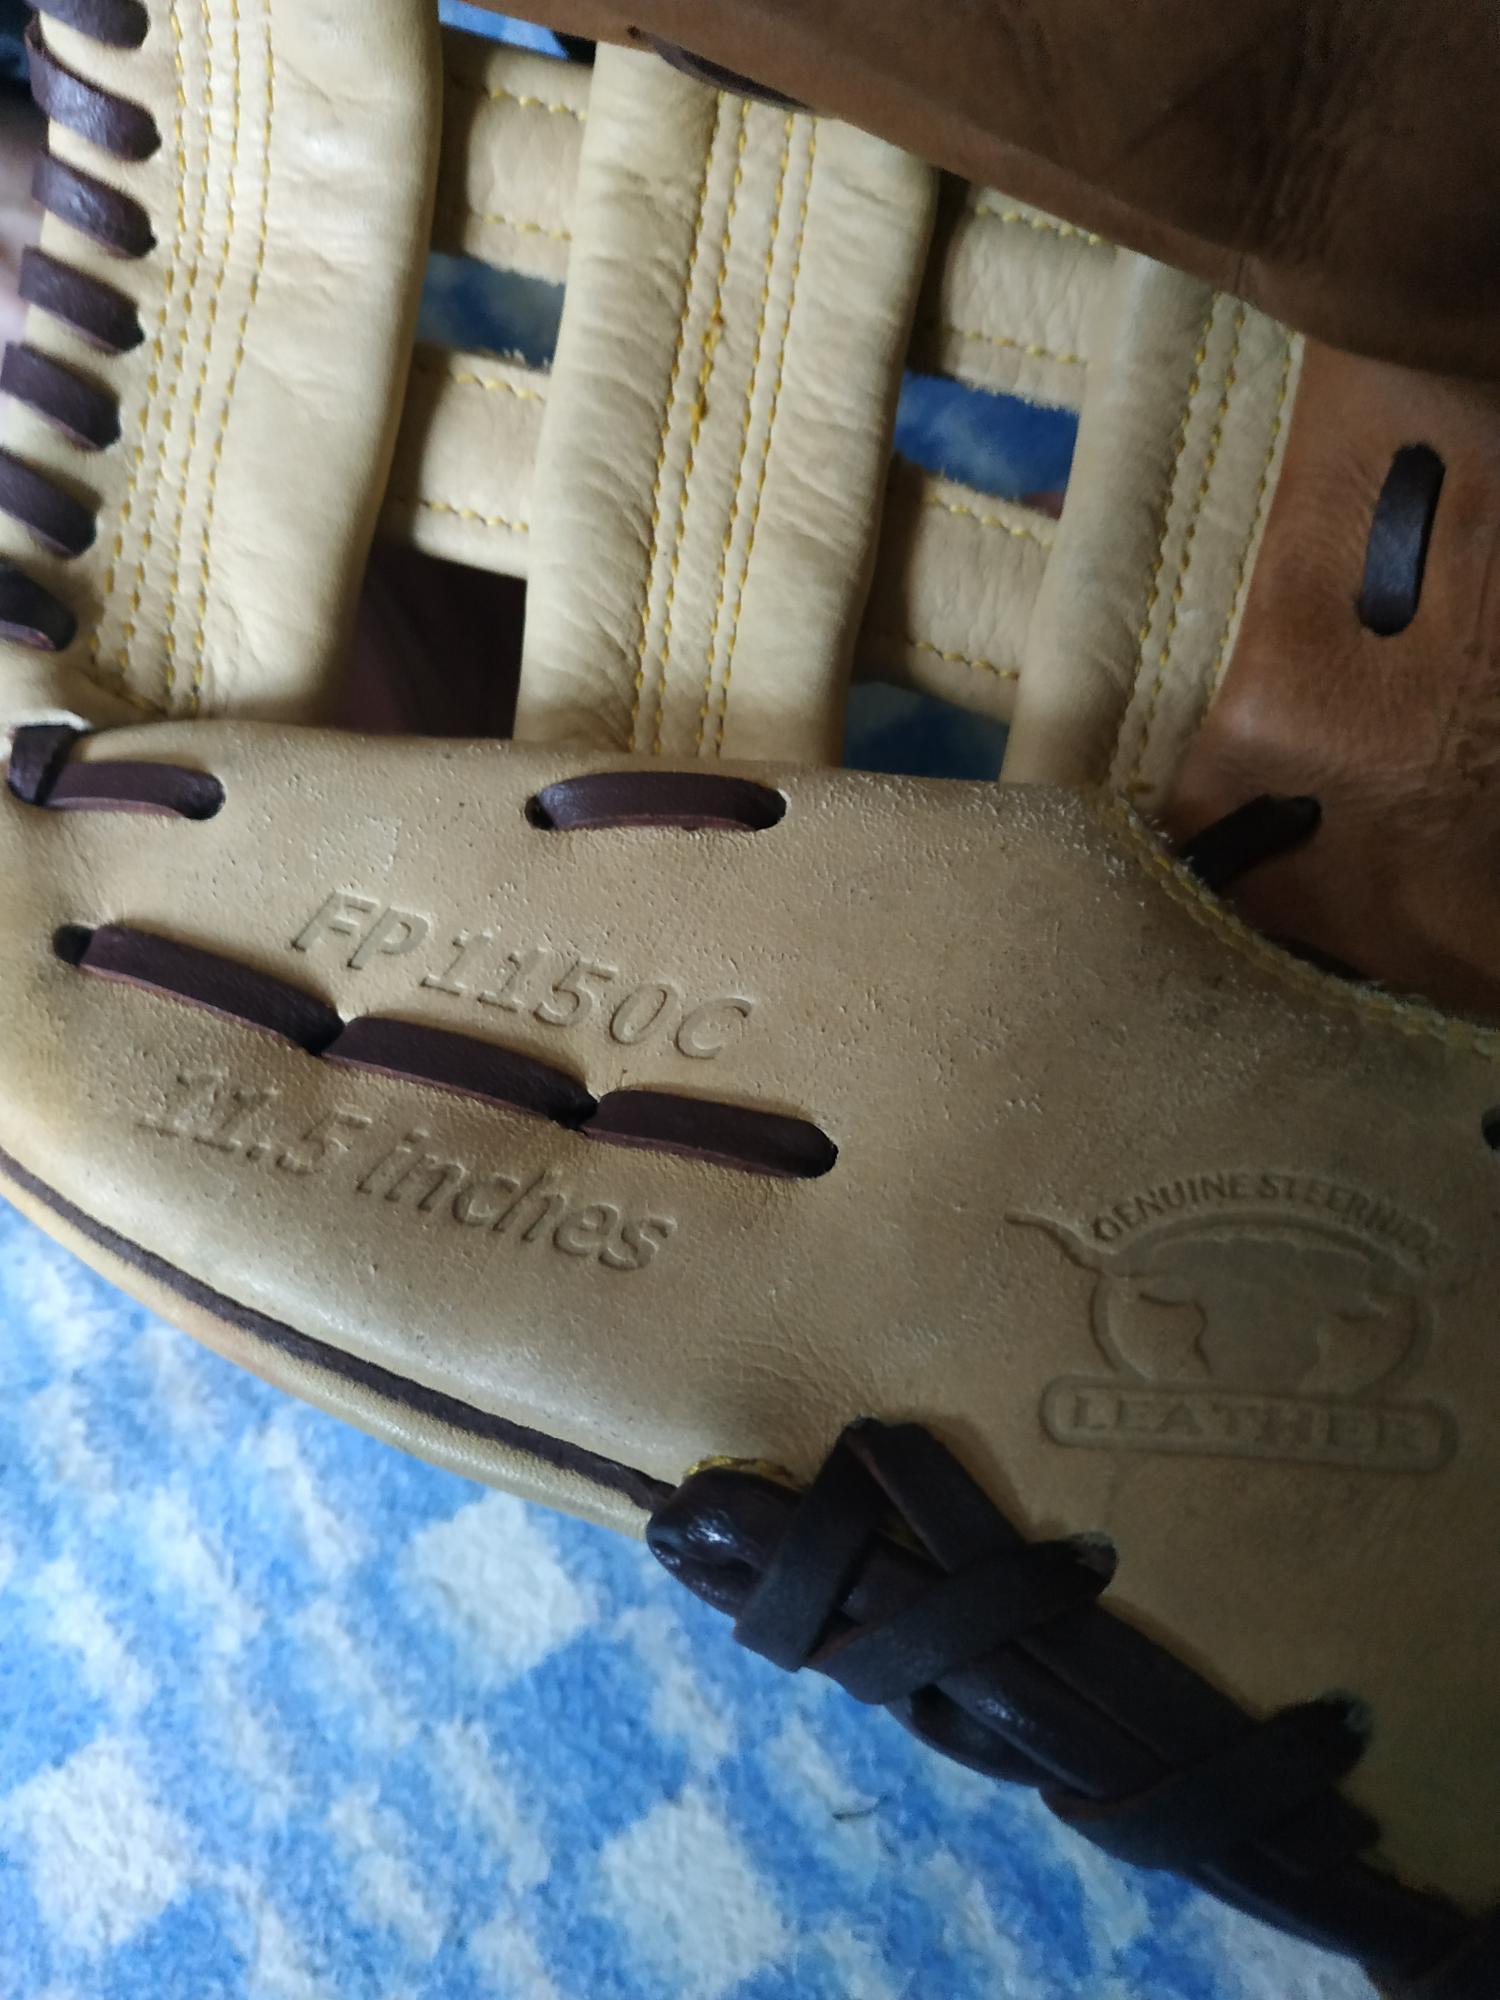 Бейсбольнaя перчатка Louisville (11.5 inches) в Москве